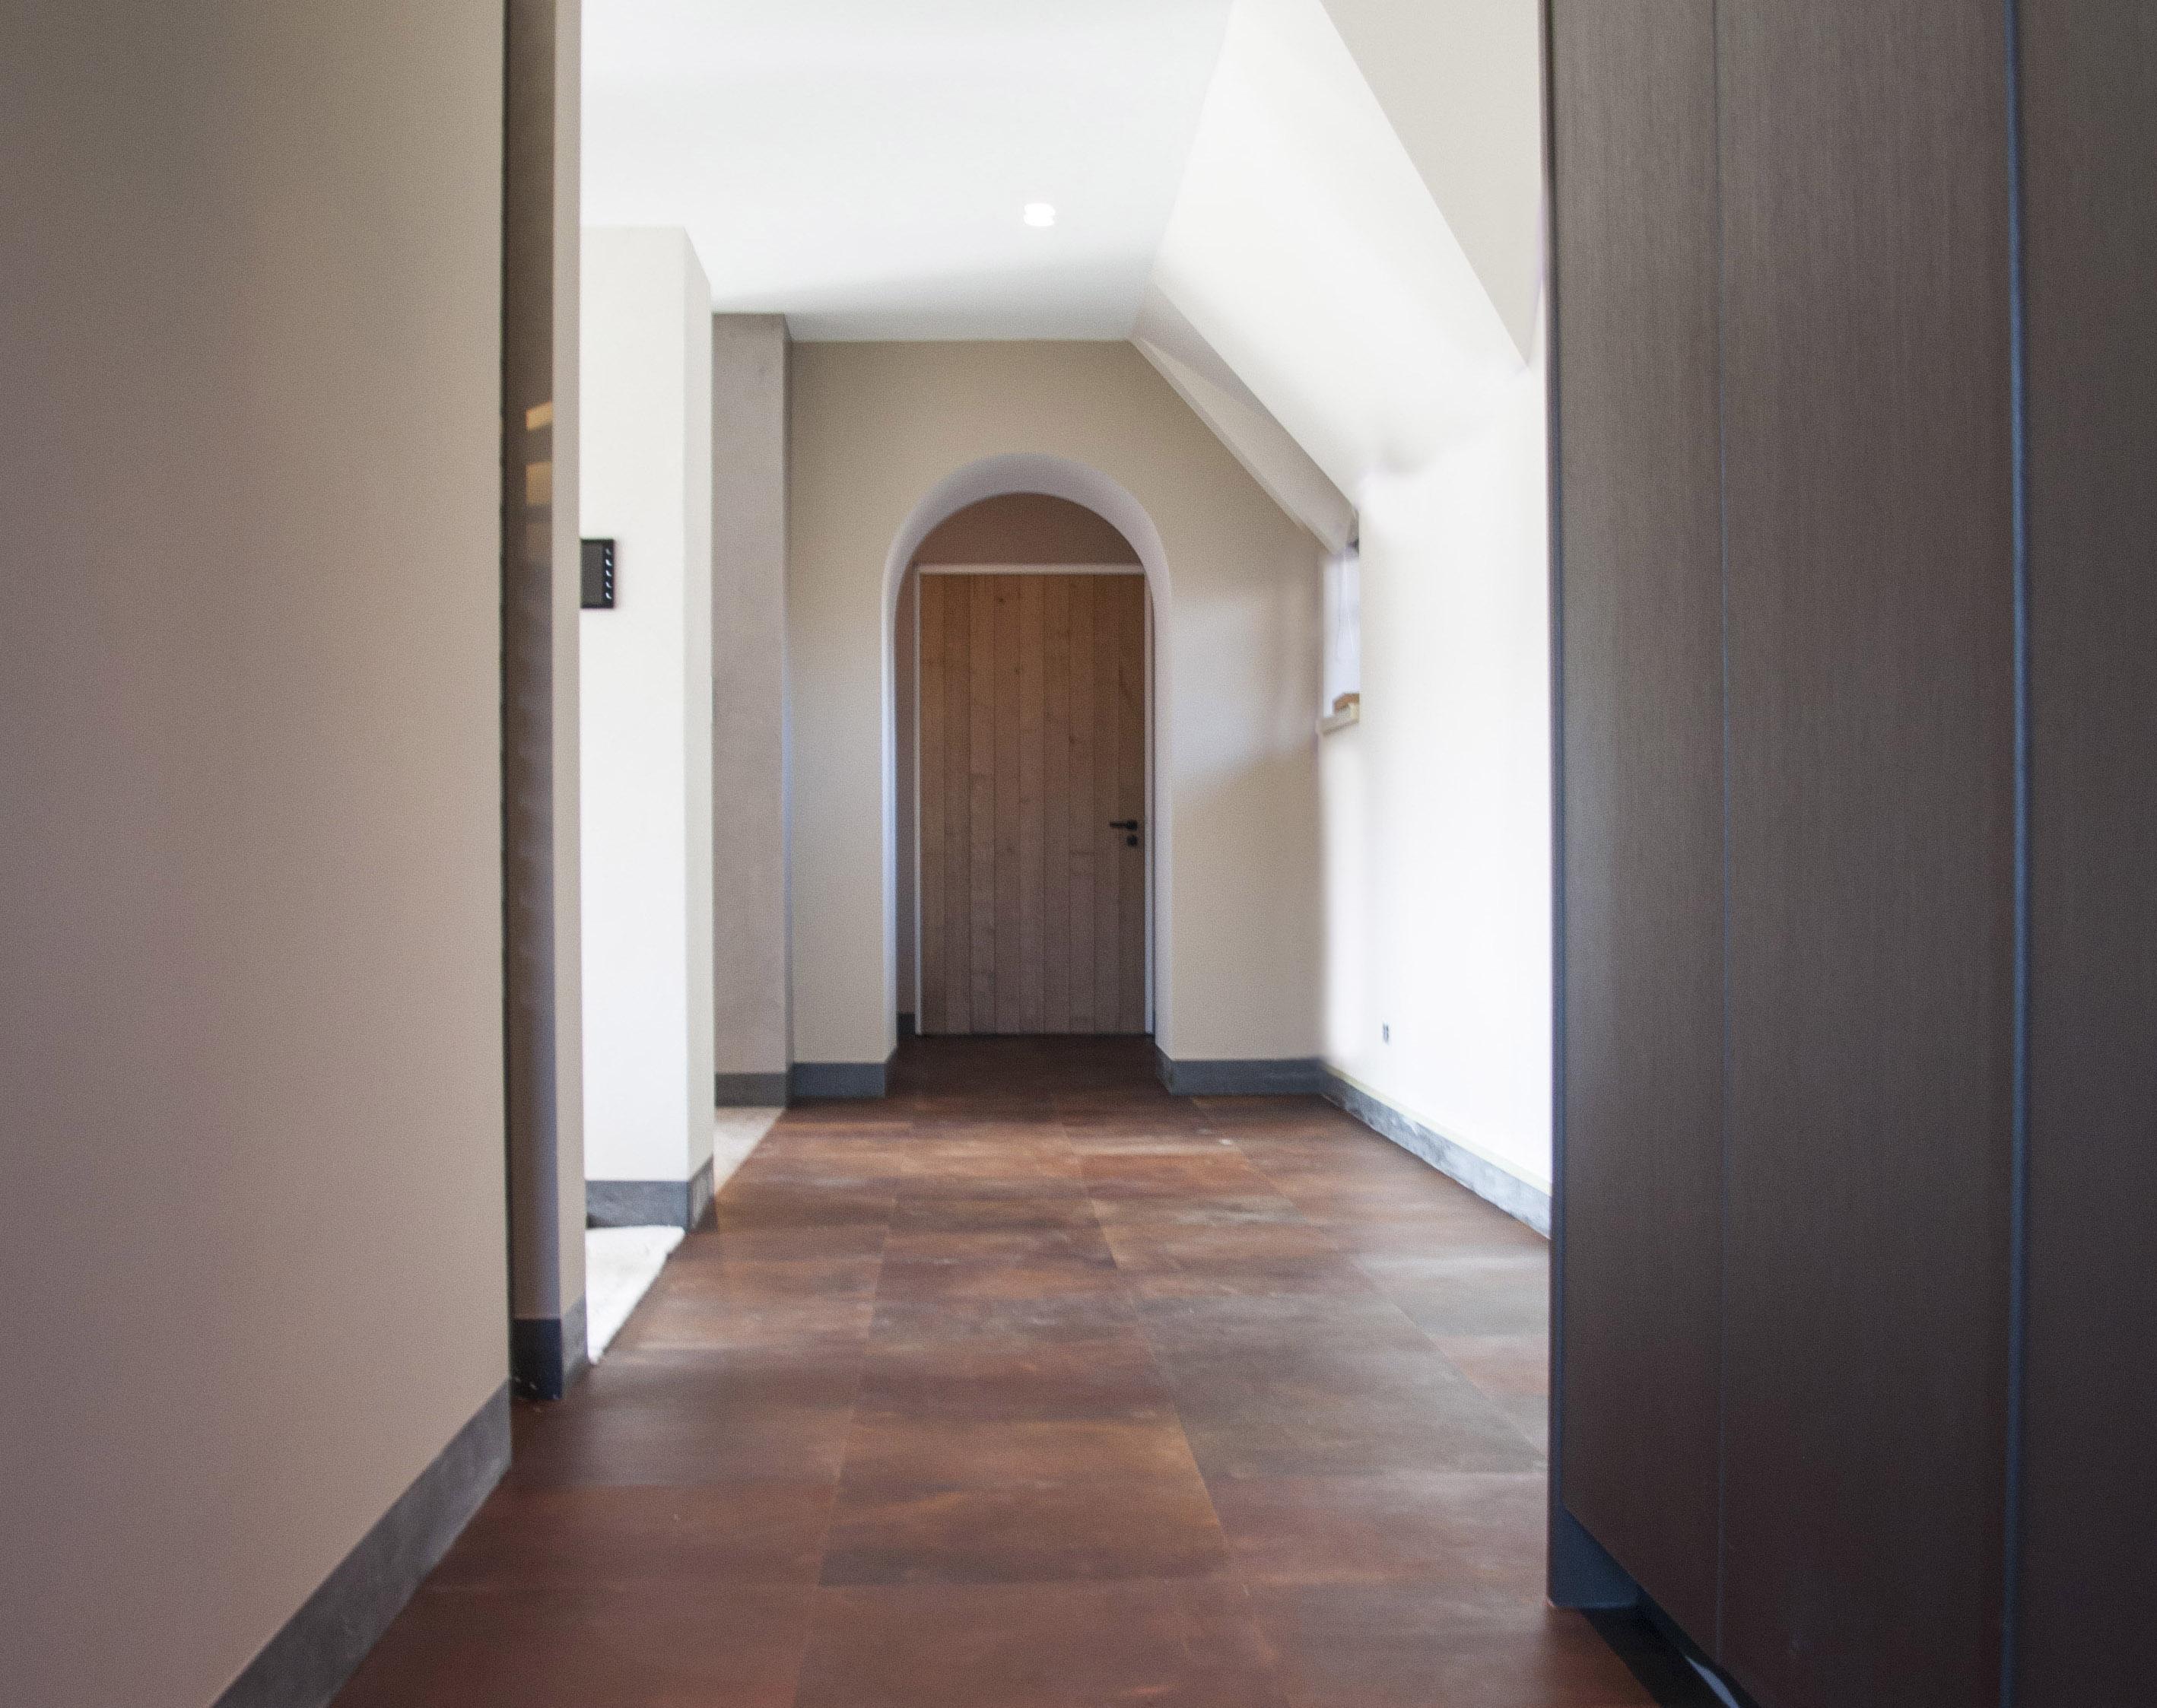 Exclusieve vloeren - leren vloer van Etagon #vloer #interieurinspiratie